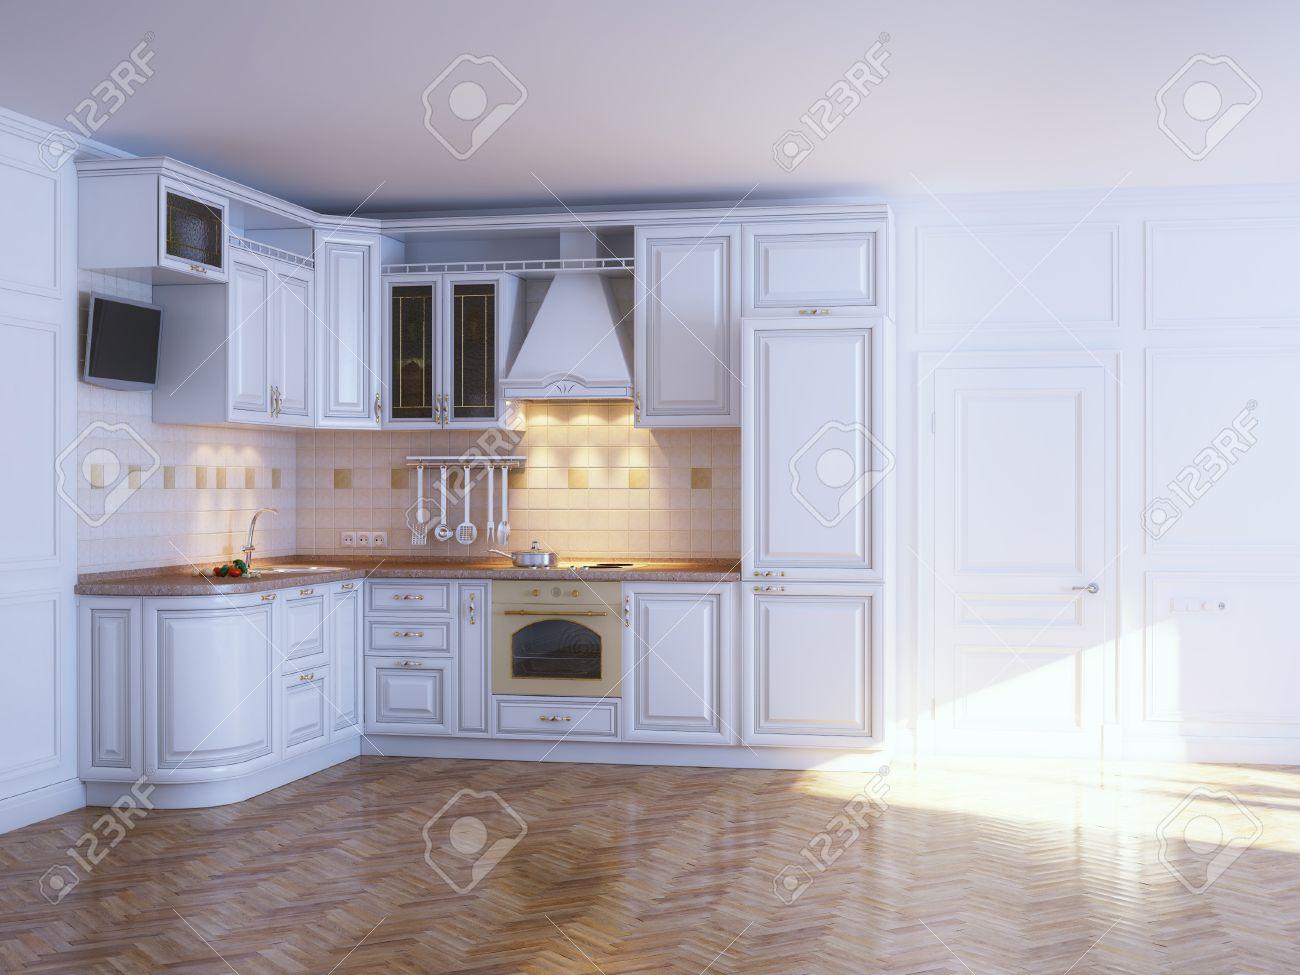 Muebles Clásicos De La Cocina En Blanco Con Interior Nuevo Parquet ...